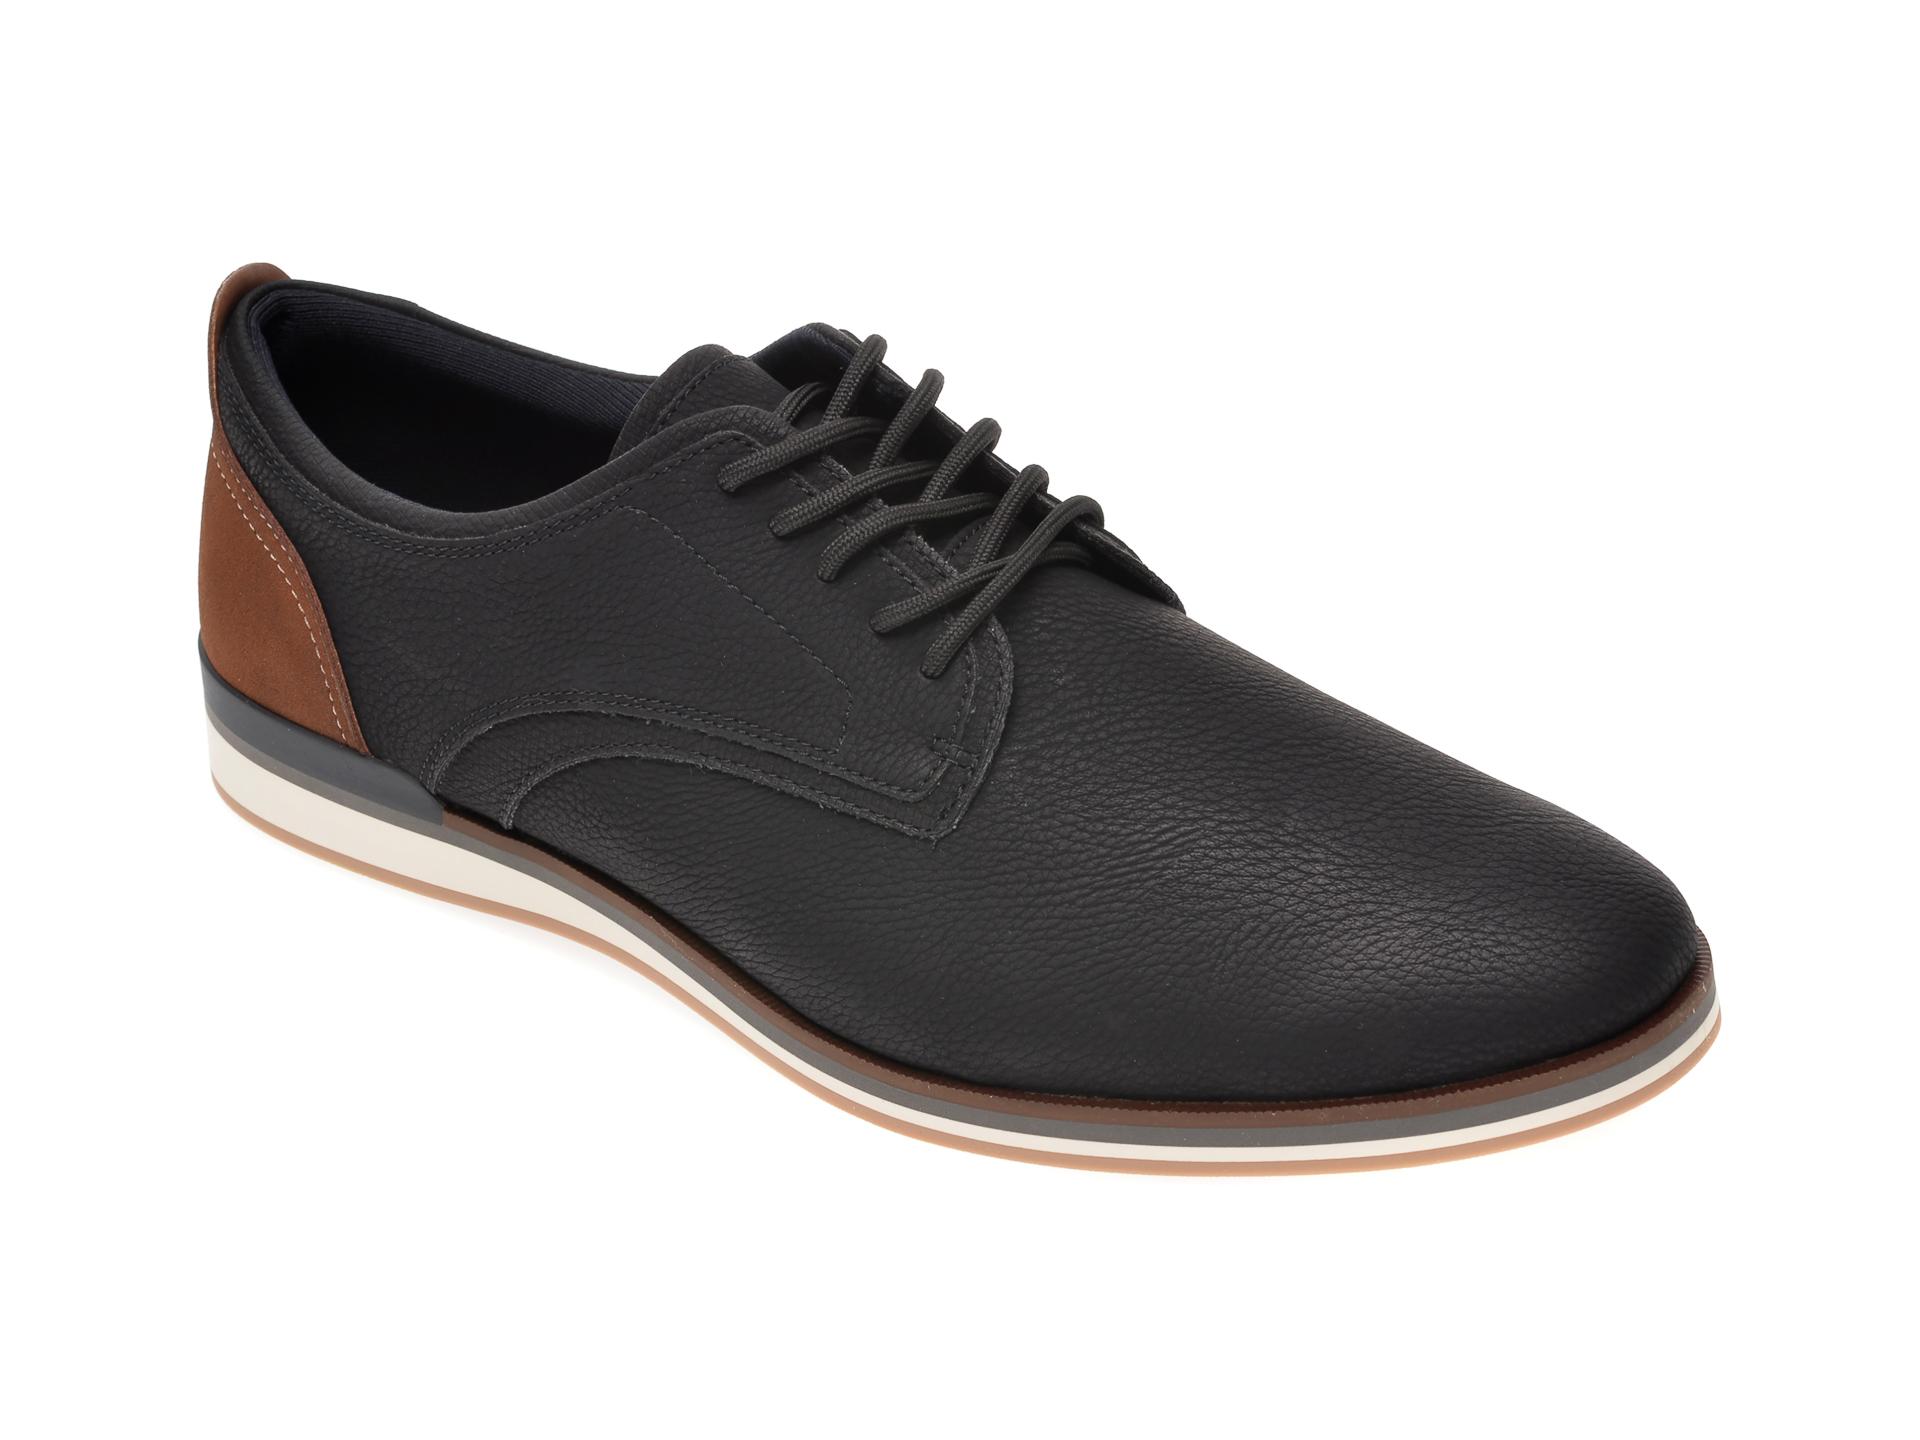 Pantofi ALDO negri, Eowoalian001, din piele ecologica imagine